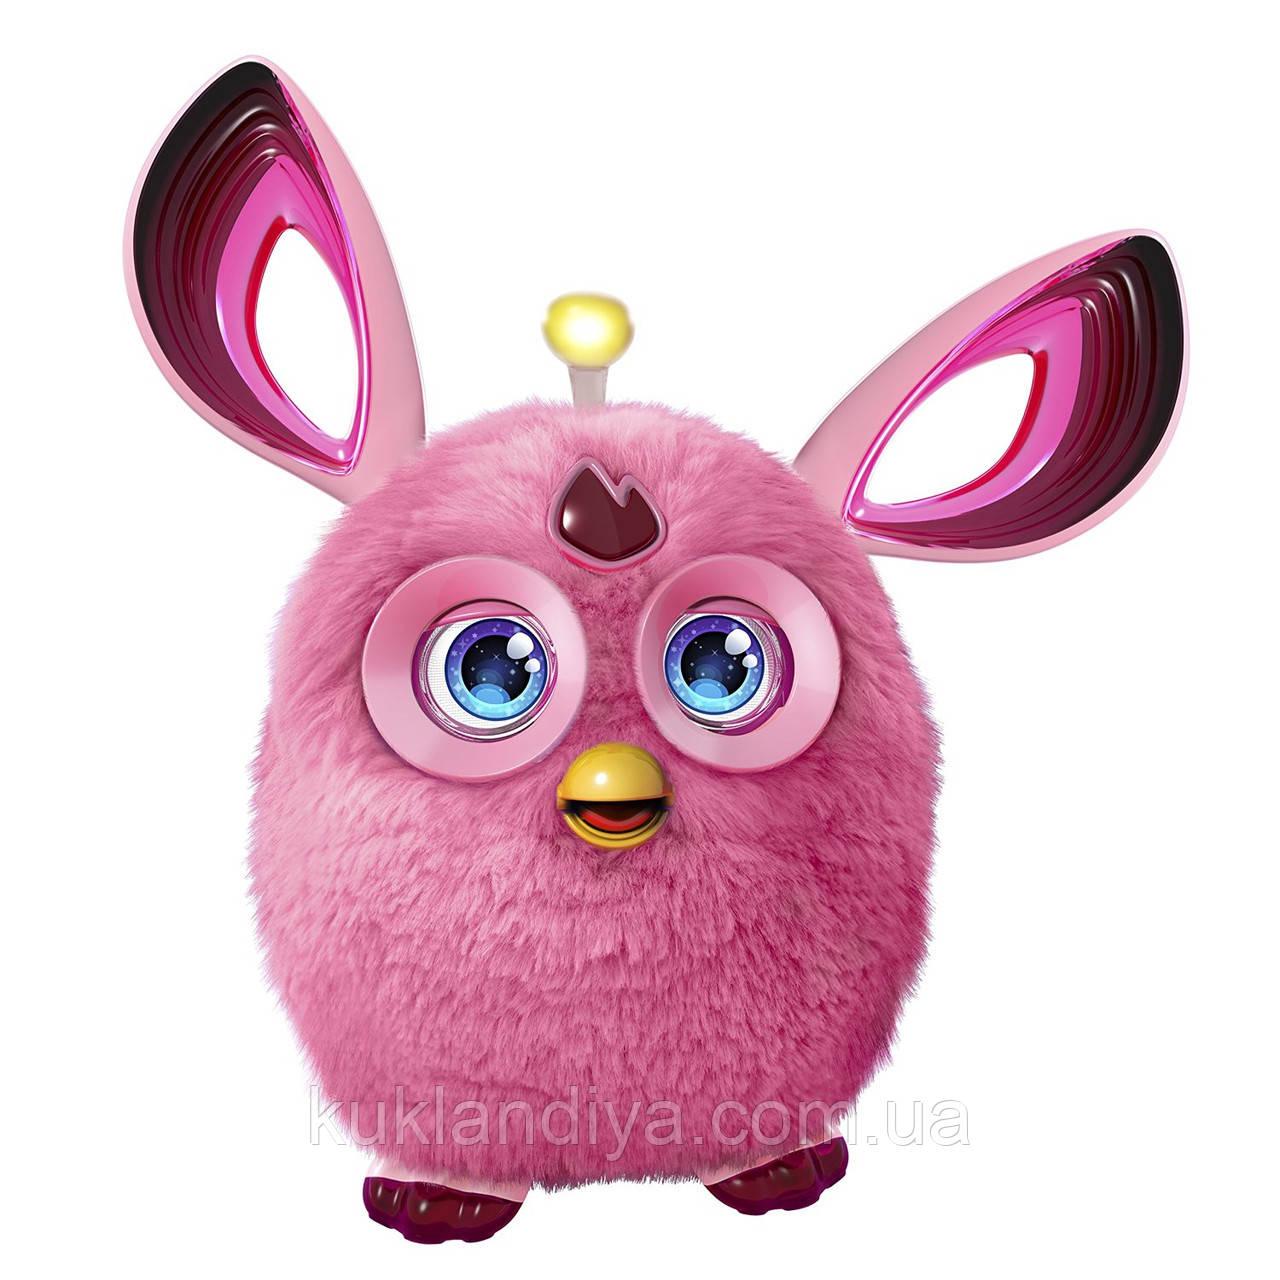 Інтерактивний Furby Connect рожевий Hasbro